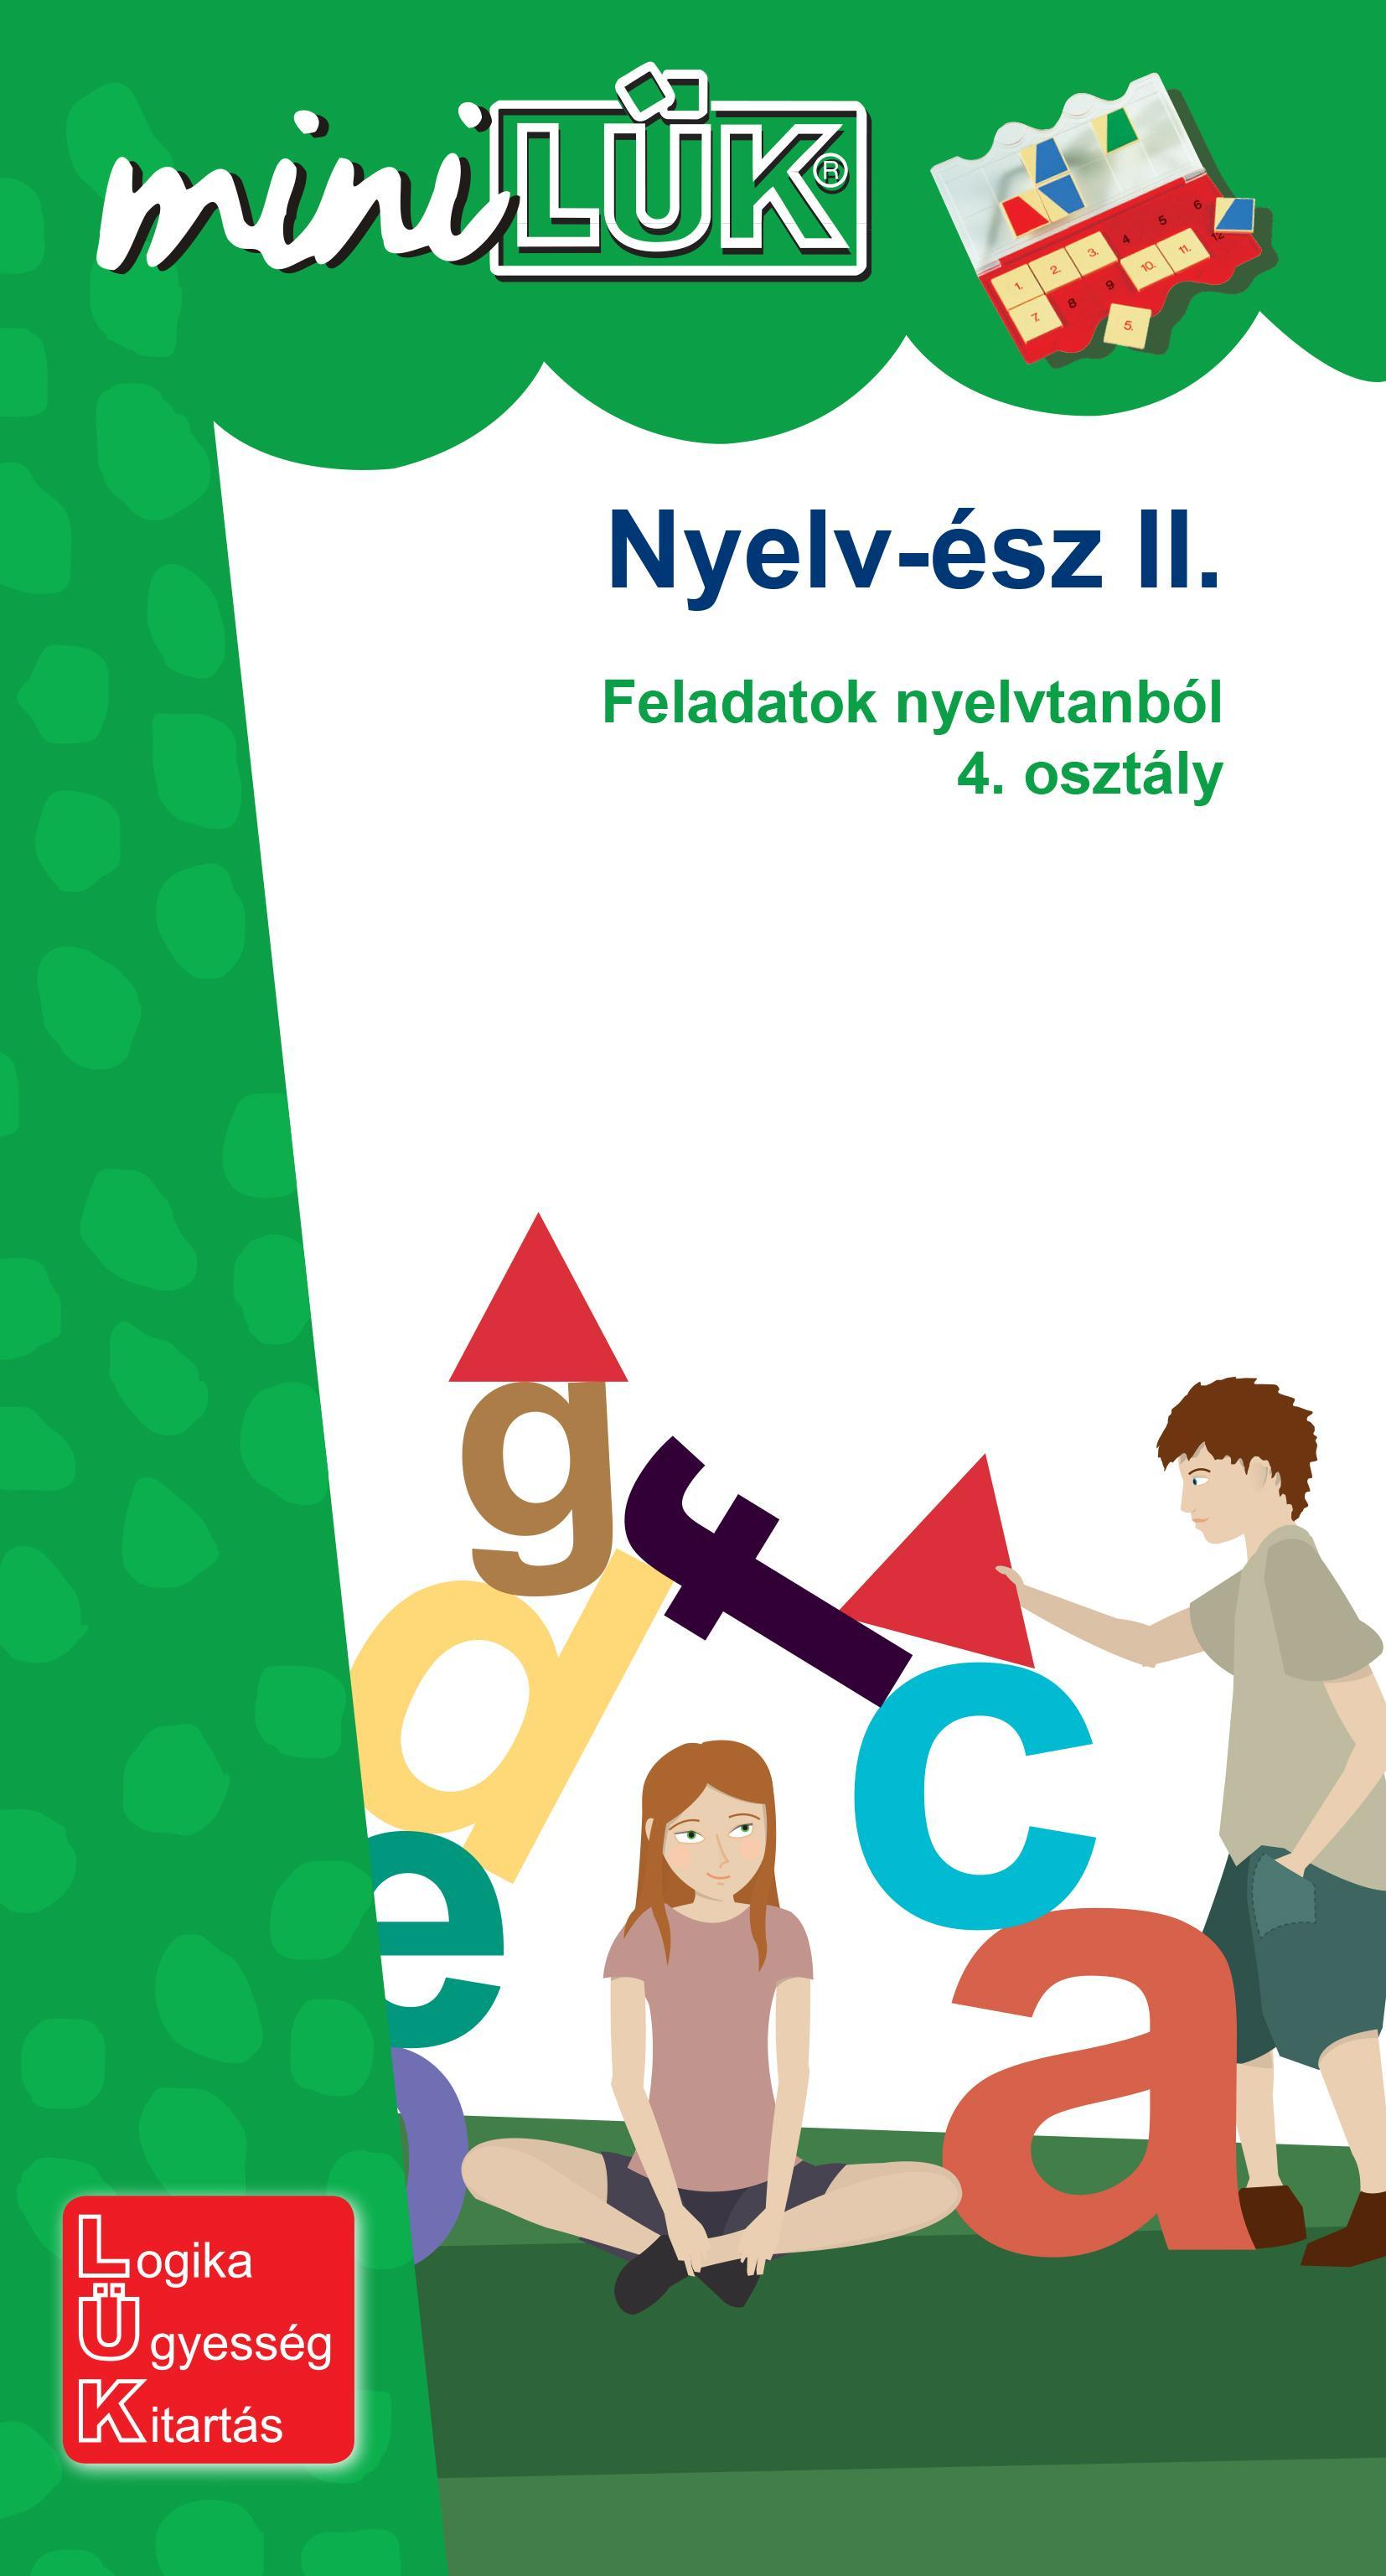 NYELV-ÉSZ II. - FELADATOK NYELVTANBÓL 4. OSZT.